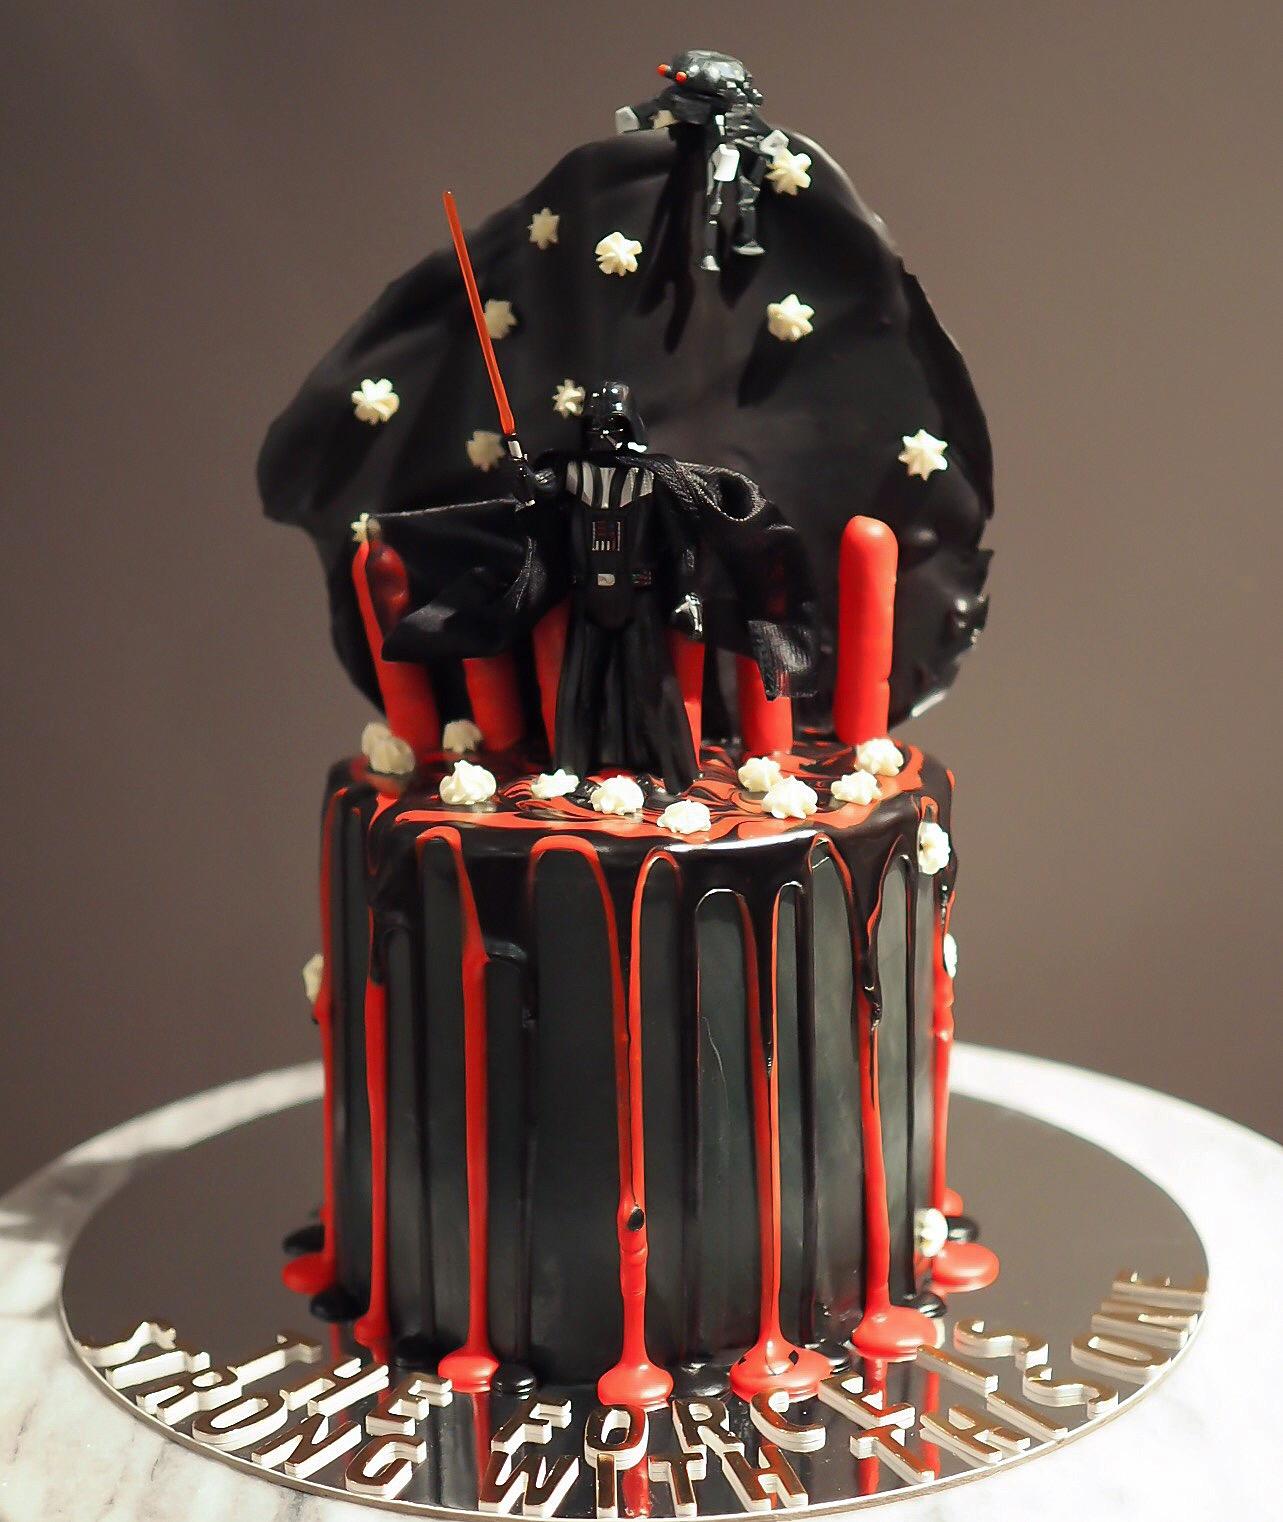 star wars cake bake you smile. Black Bedroom Furniture Sets. Home Design Ideas